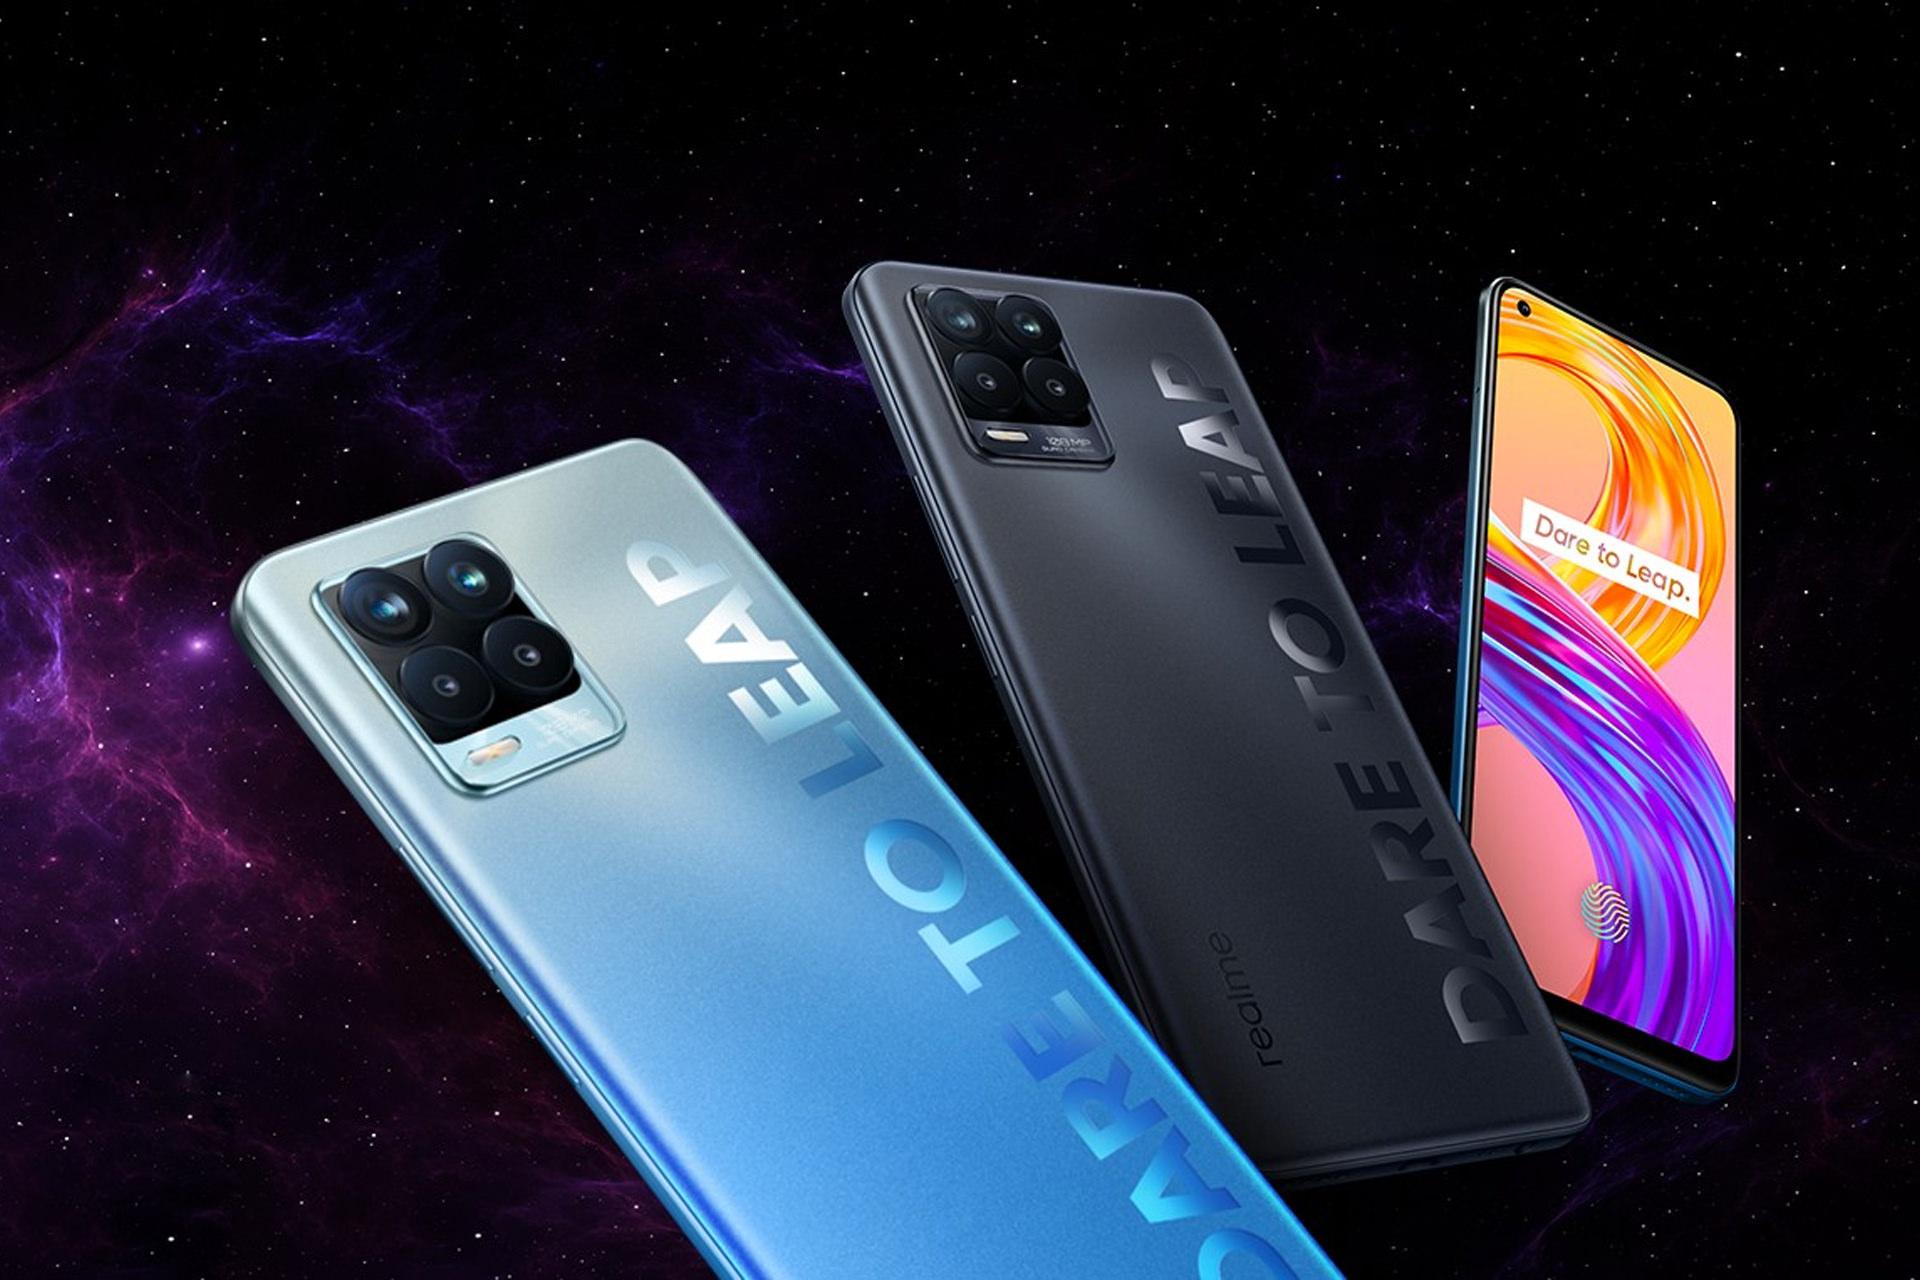 Sforum - Trang thông tin công nghệ mới nhất realme-8-series-phones-blue-black-render-graphic Realme 8 | 8 Pro chính thức ra mắt tại VN: Thiết kế trẻ trung nhiều màu sắc, màn hình Super AMOLED, camera 108MP, sạc nhanh 50W, lên kệ ngày 27/4